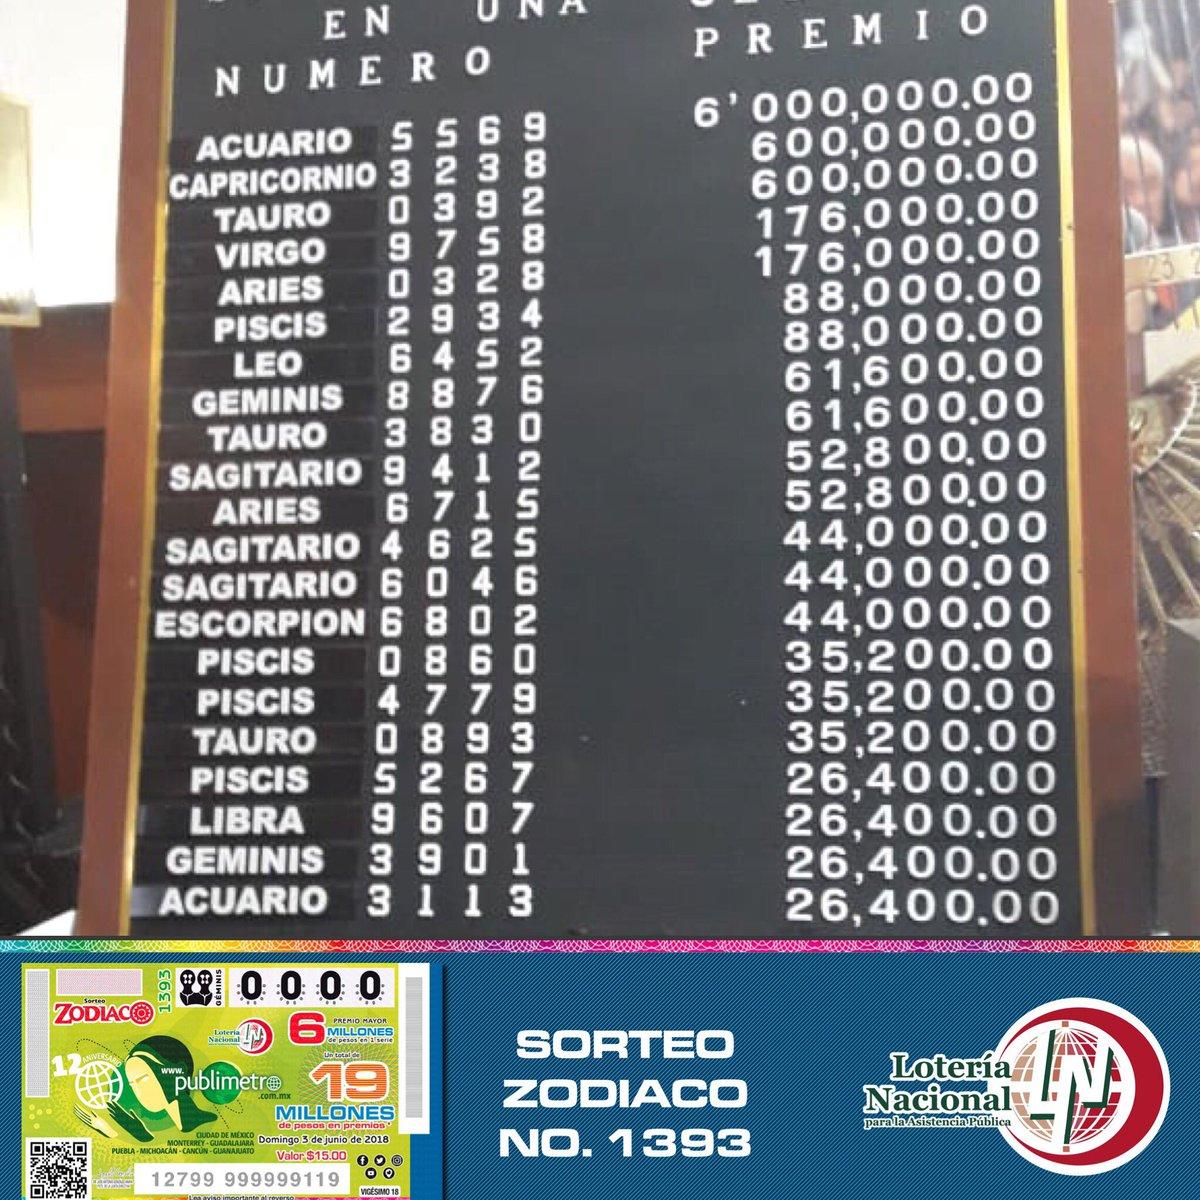 Resultados sorteo zodiaco 1393